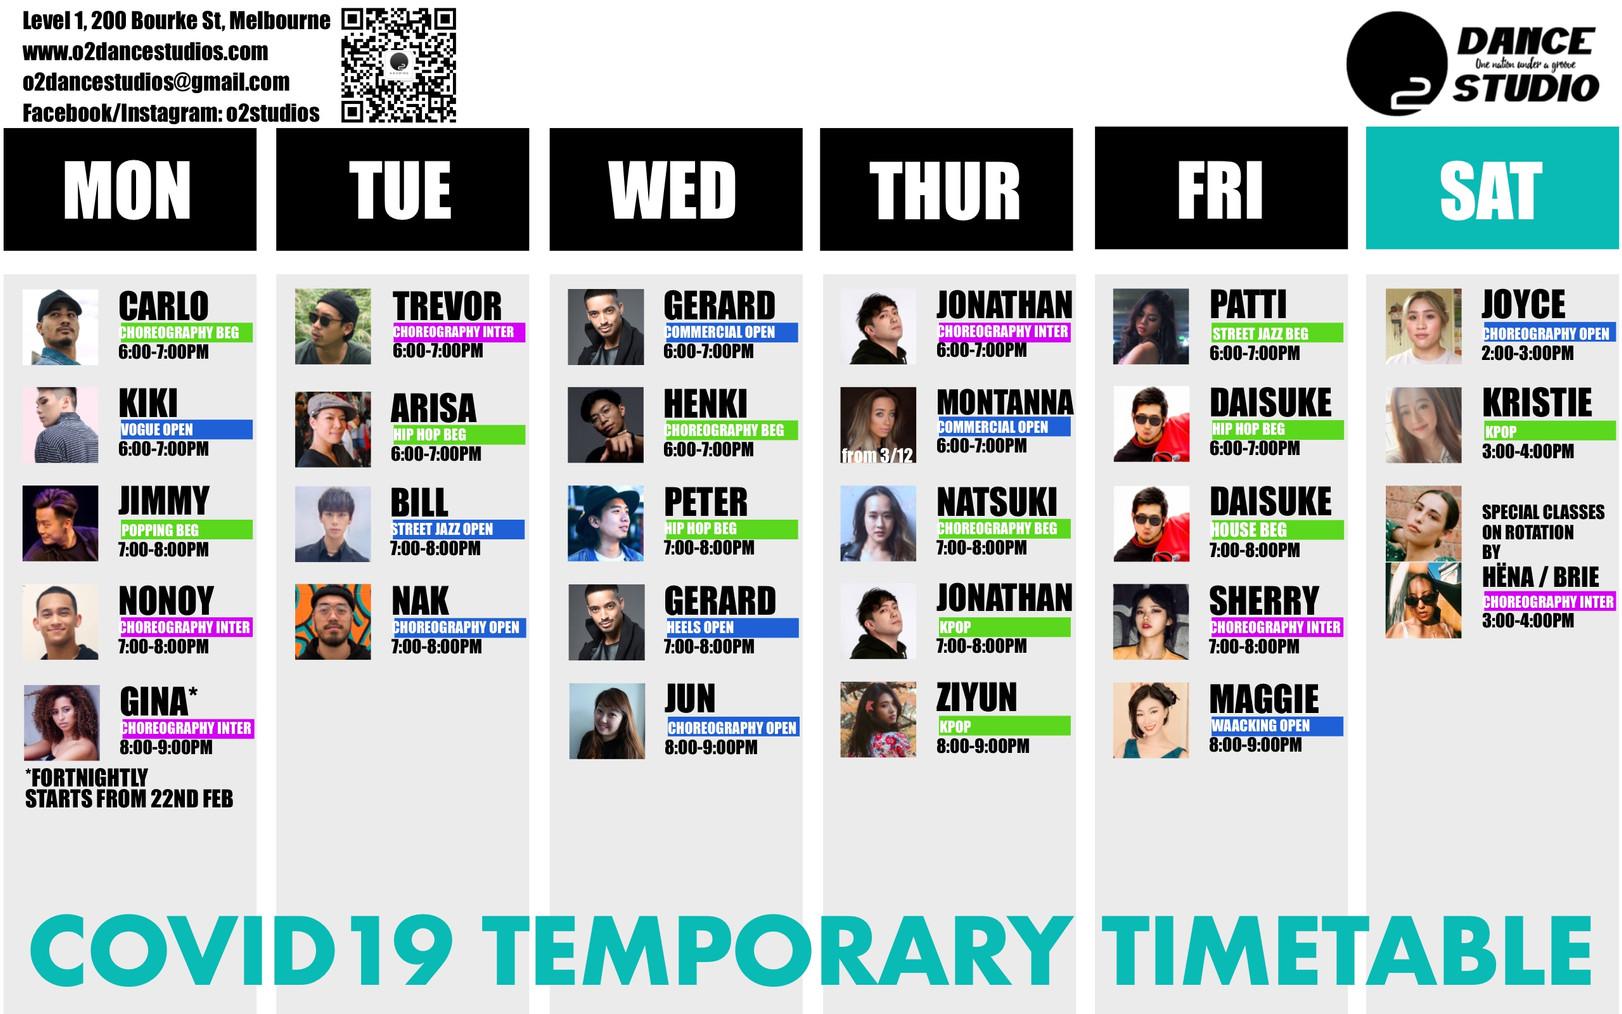 TIMETABLE-NEW VENUE (TEMPO).jpg